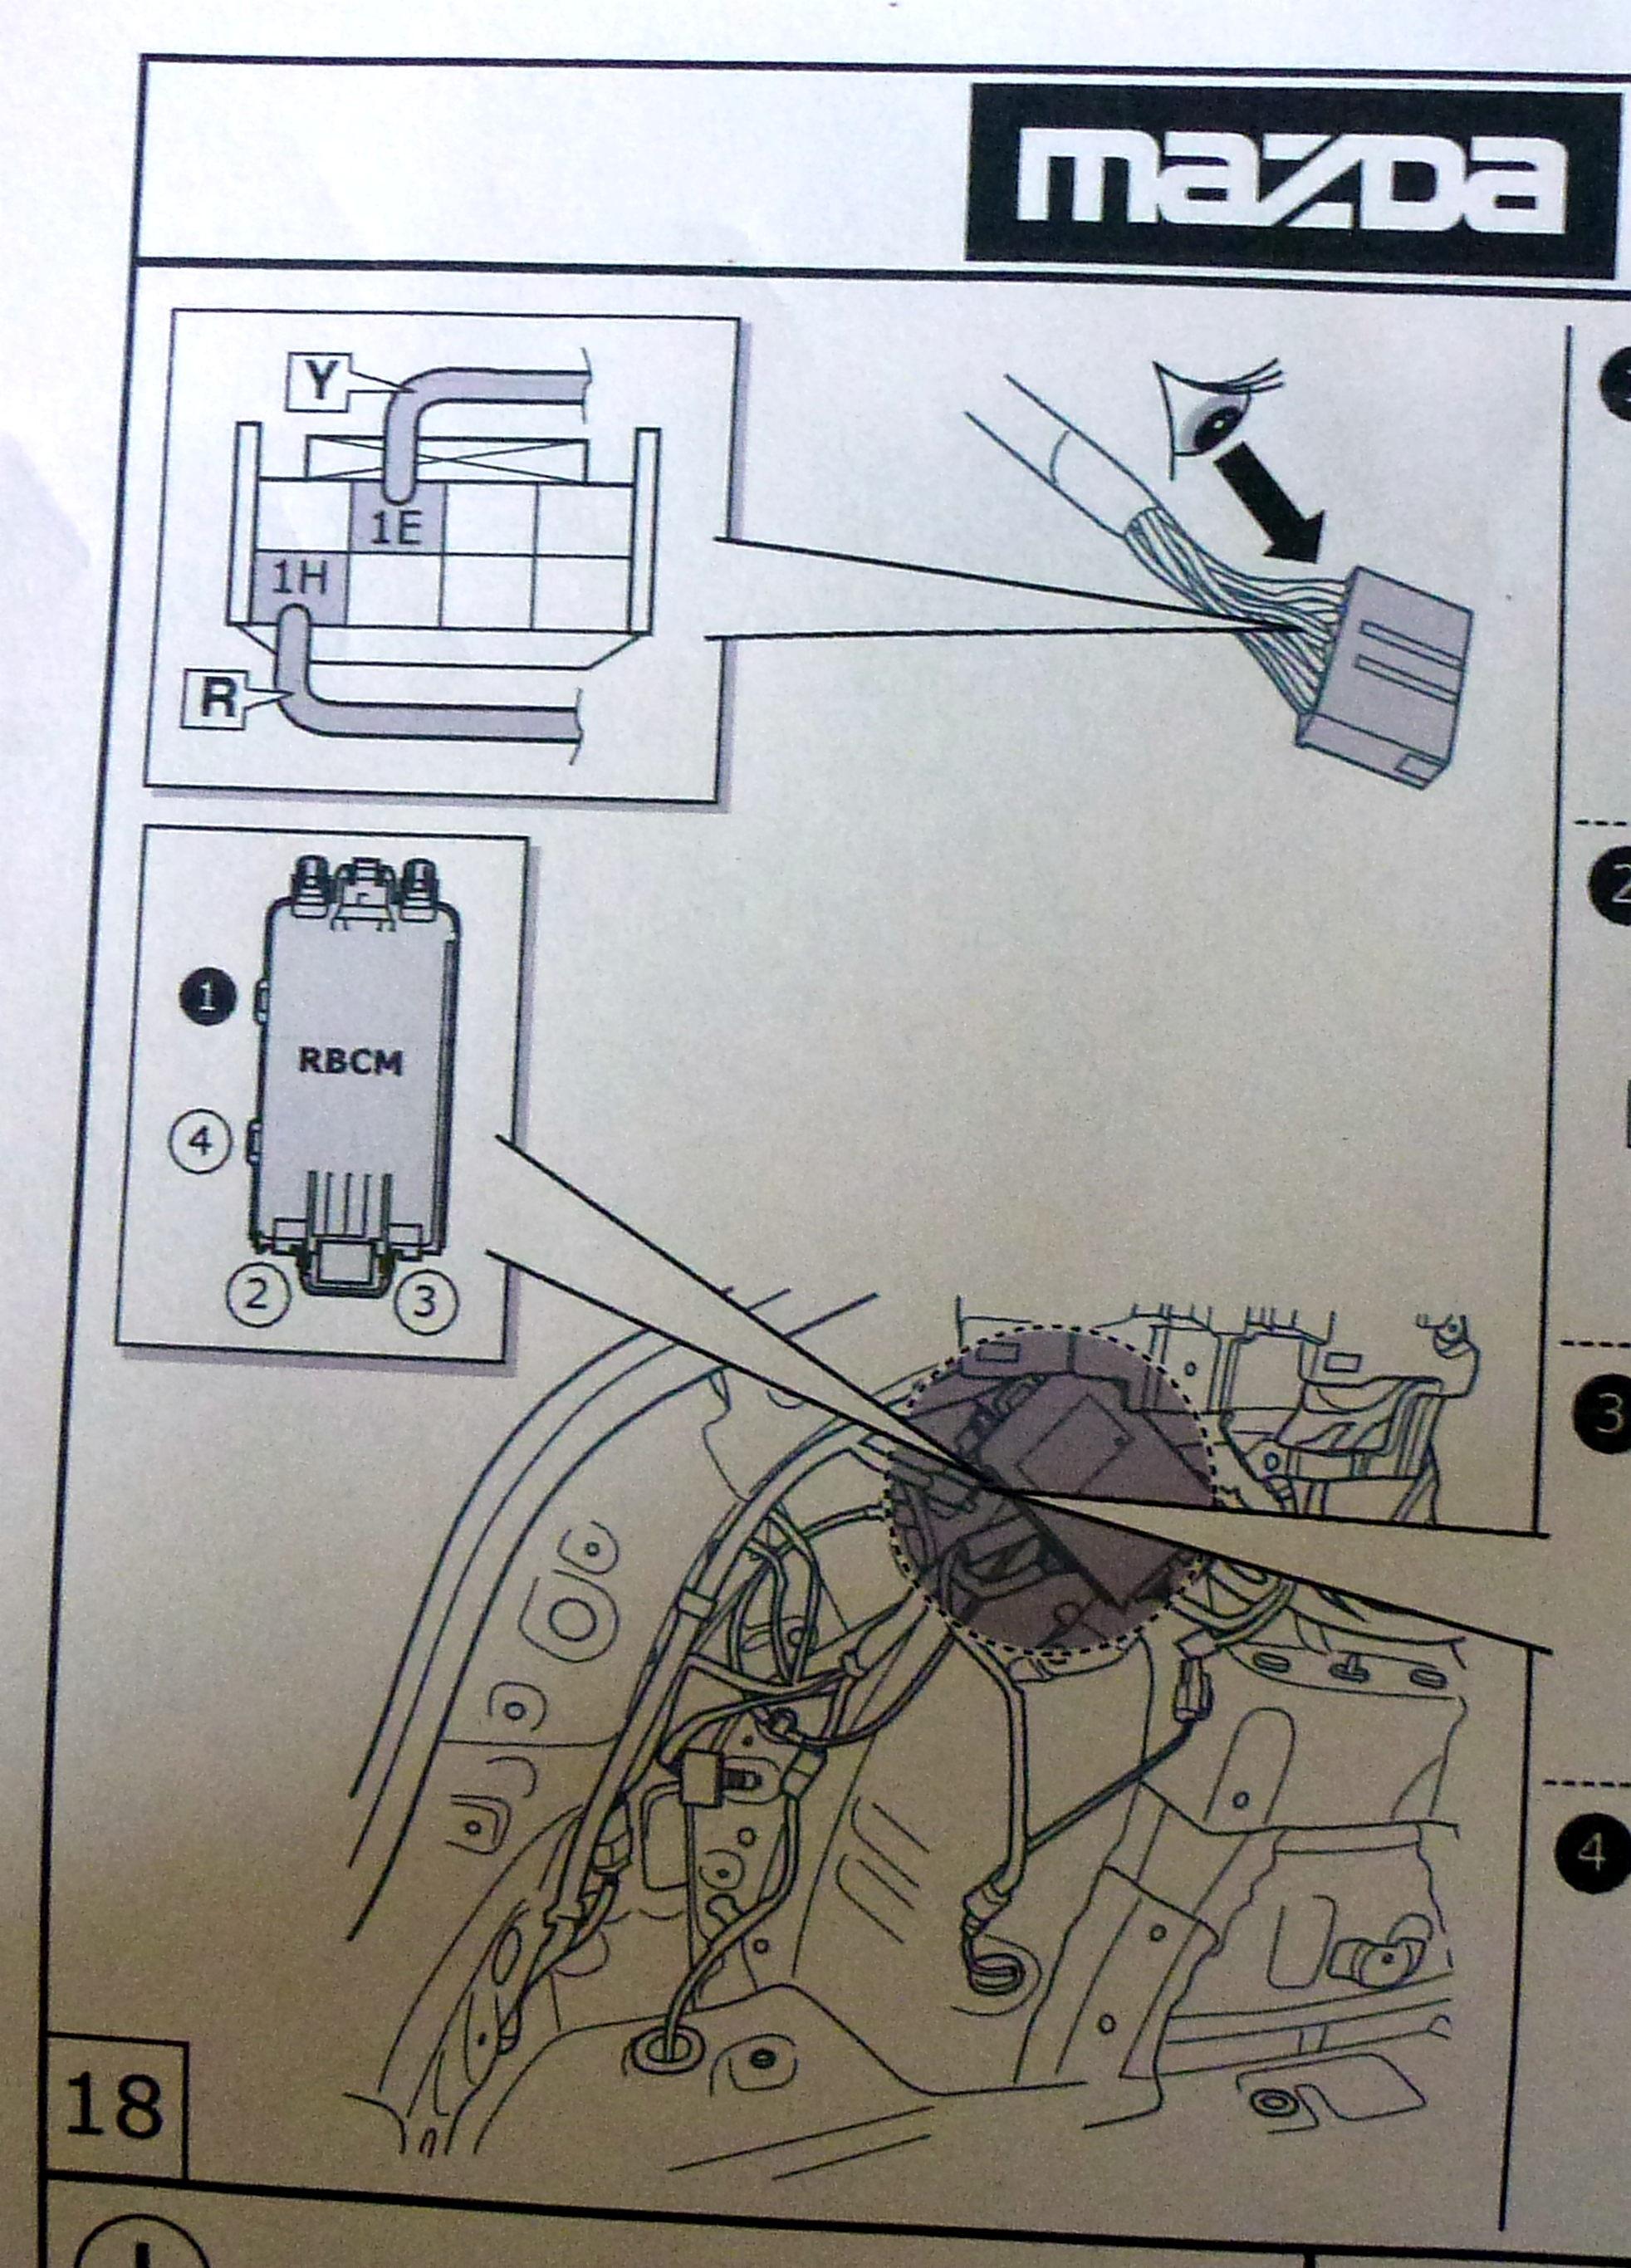 Tolle 18 2 Feuermelderkabel Fotos - Der Schaltplan - triangre.info